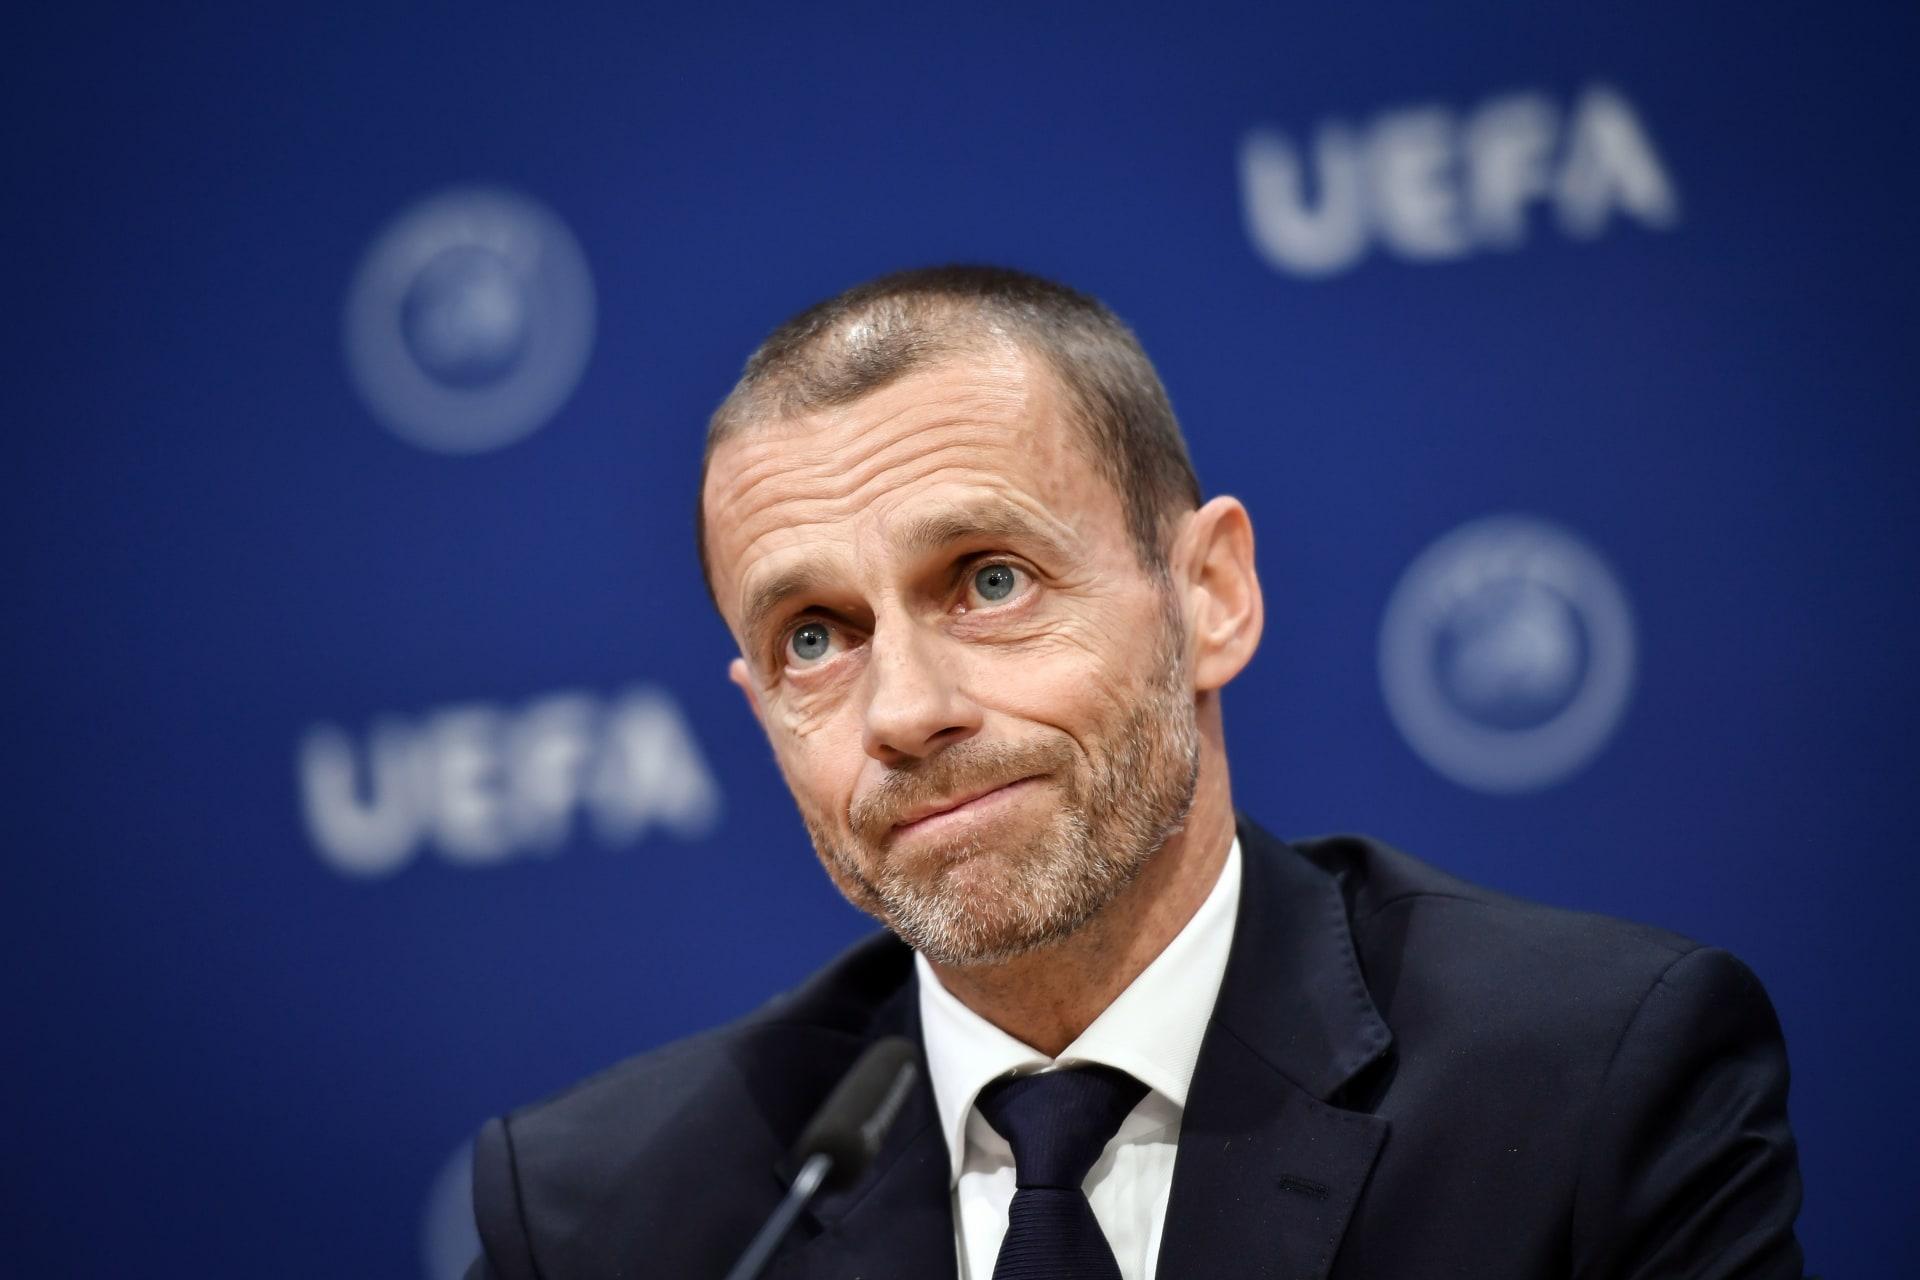 رئيس الاتحاد الأوروبي لكرة القدم، ألكسندر تشيفرين